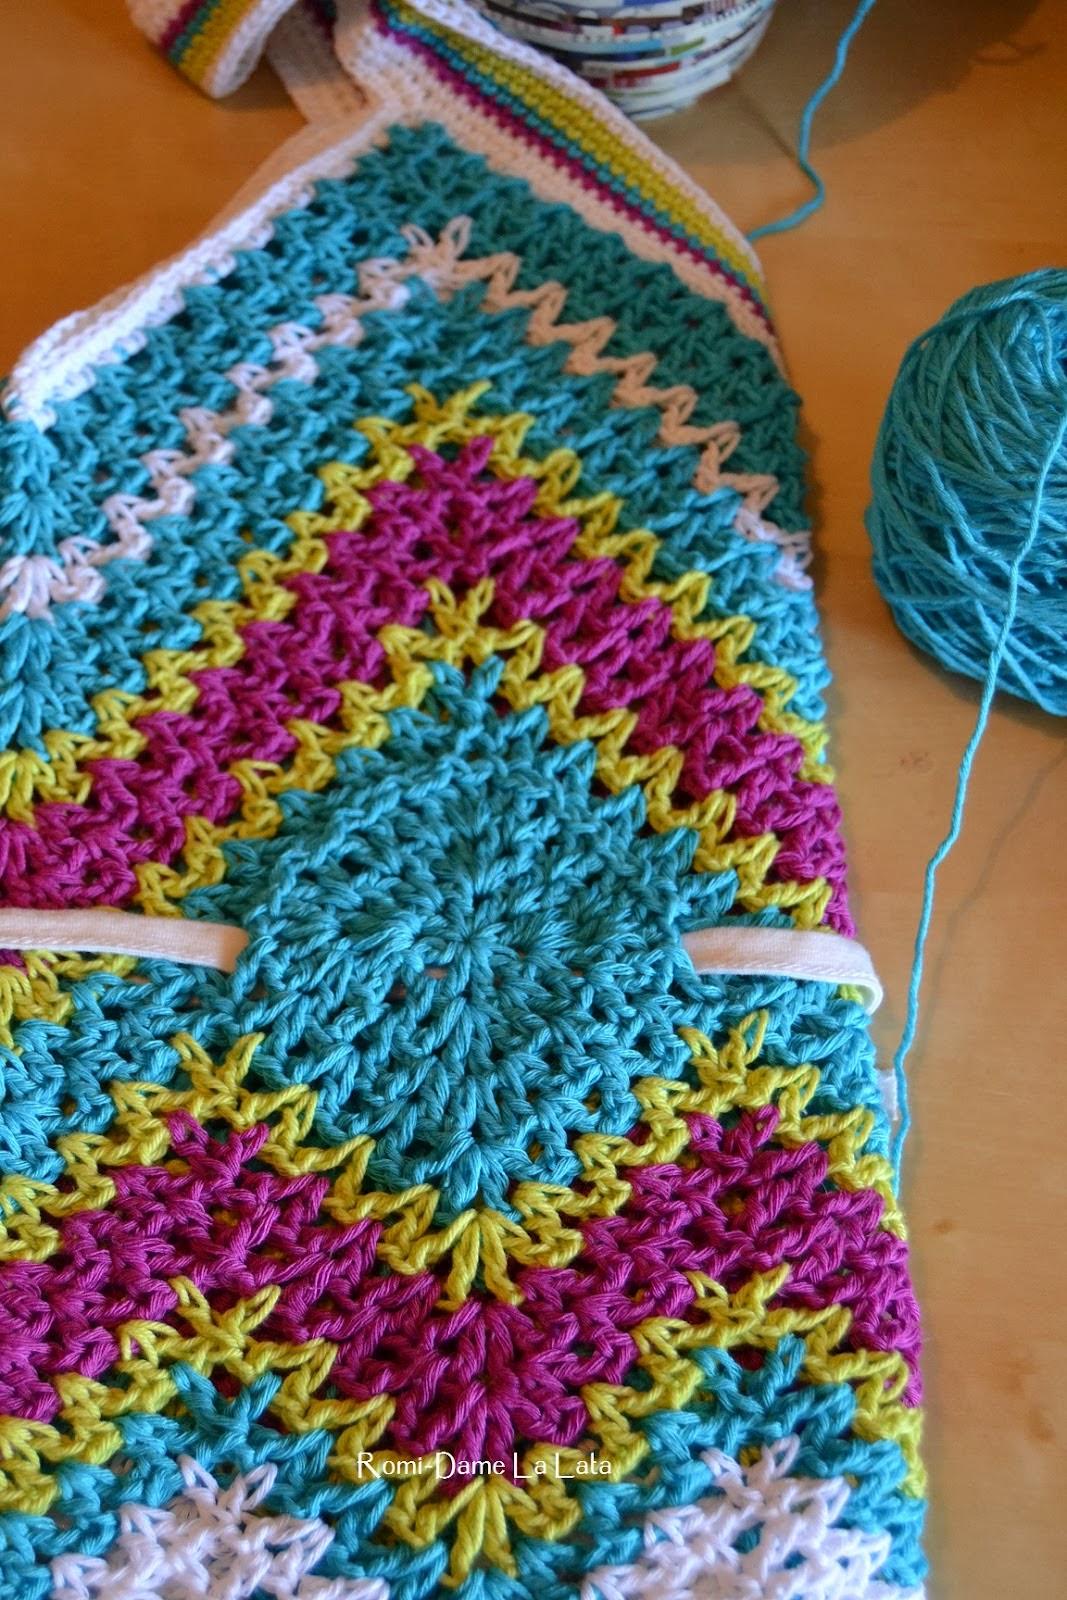 TRICO y CROCHET-madona-mía: Vestido a crochet zig zag con patrón